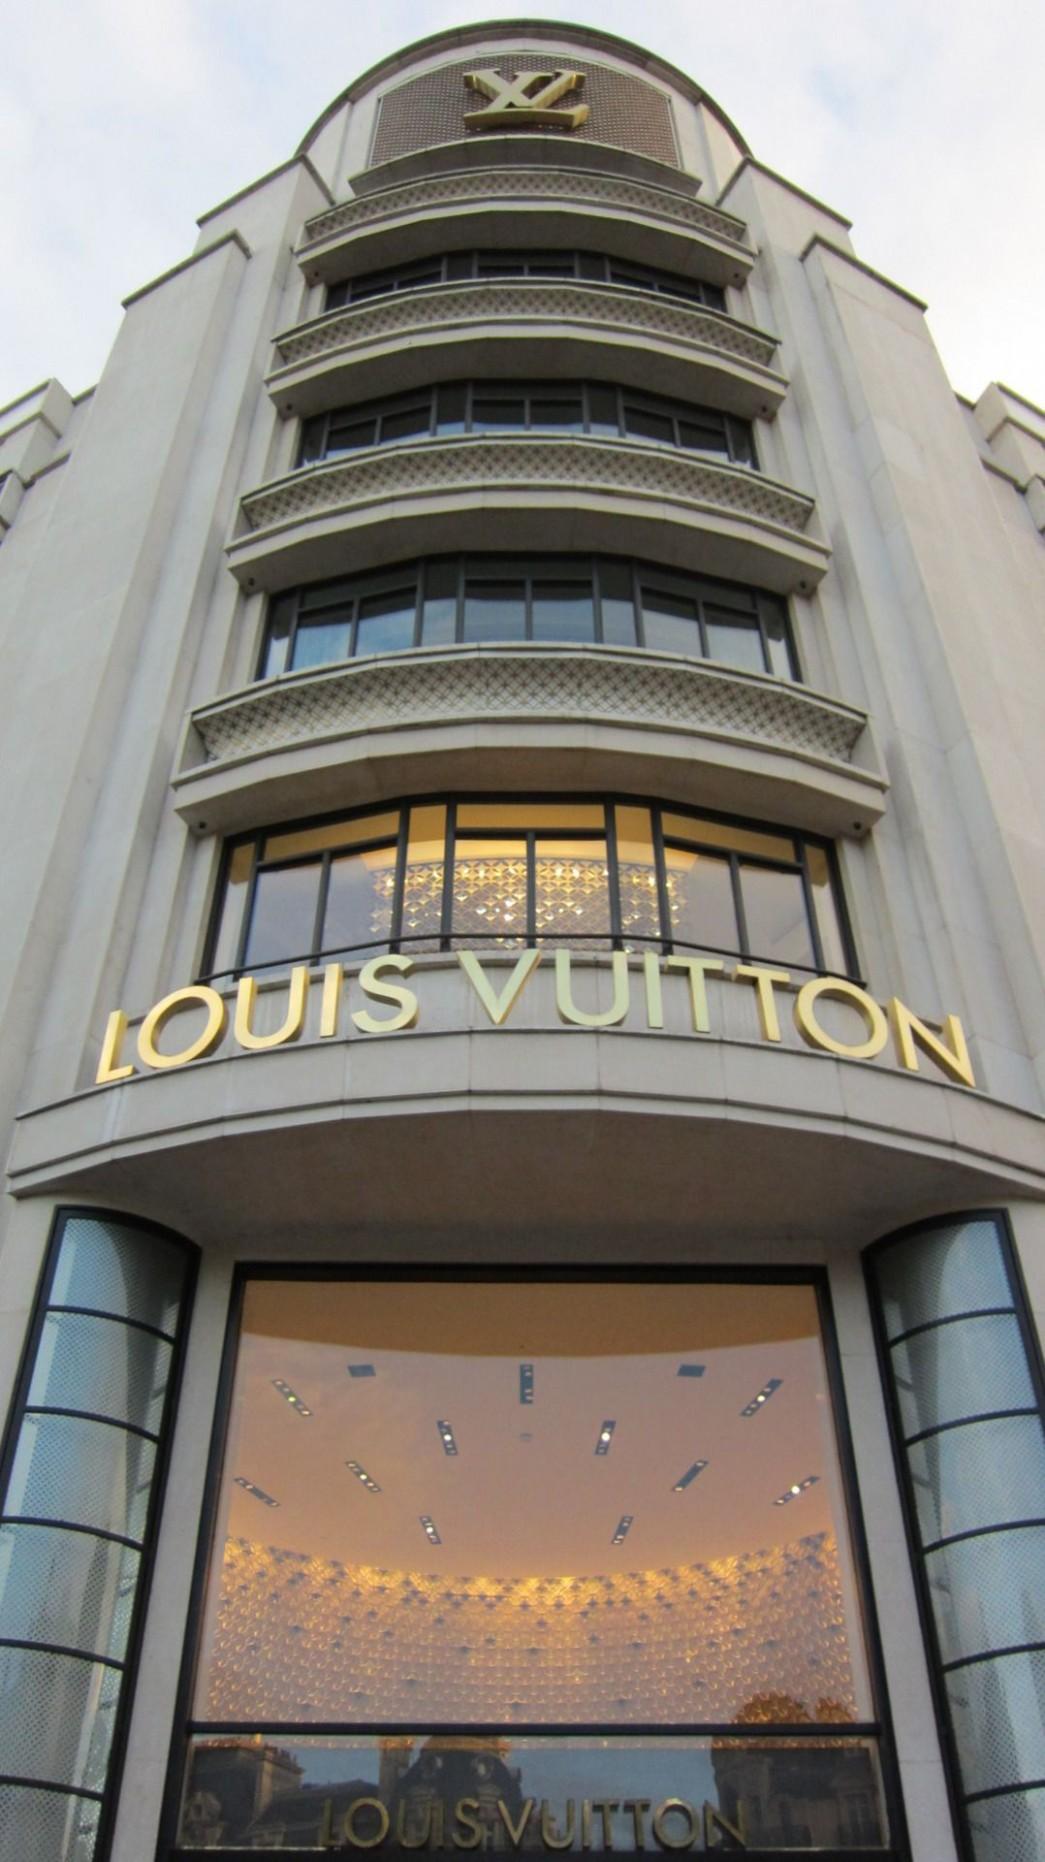 Pin by Gaby Sanchez on places to shop  Louis vuitton store  - Design Apartment Next To Louis Vuitton Building